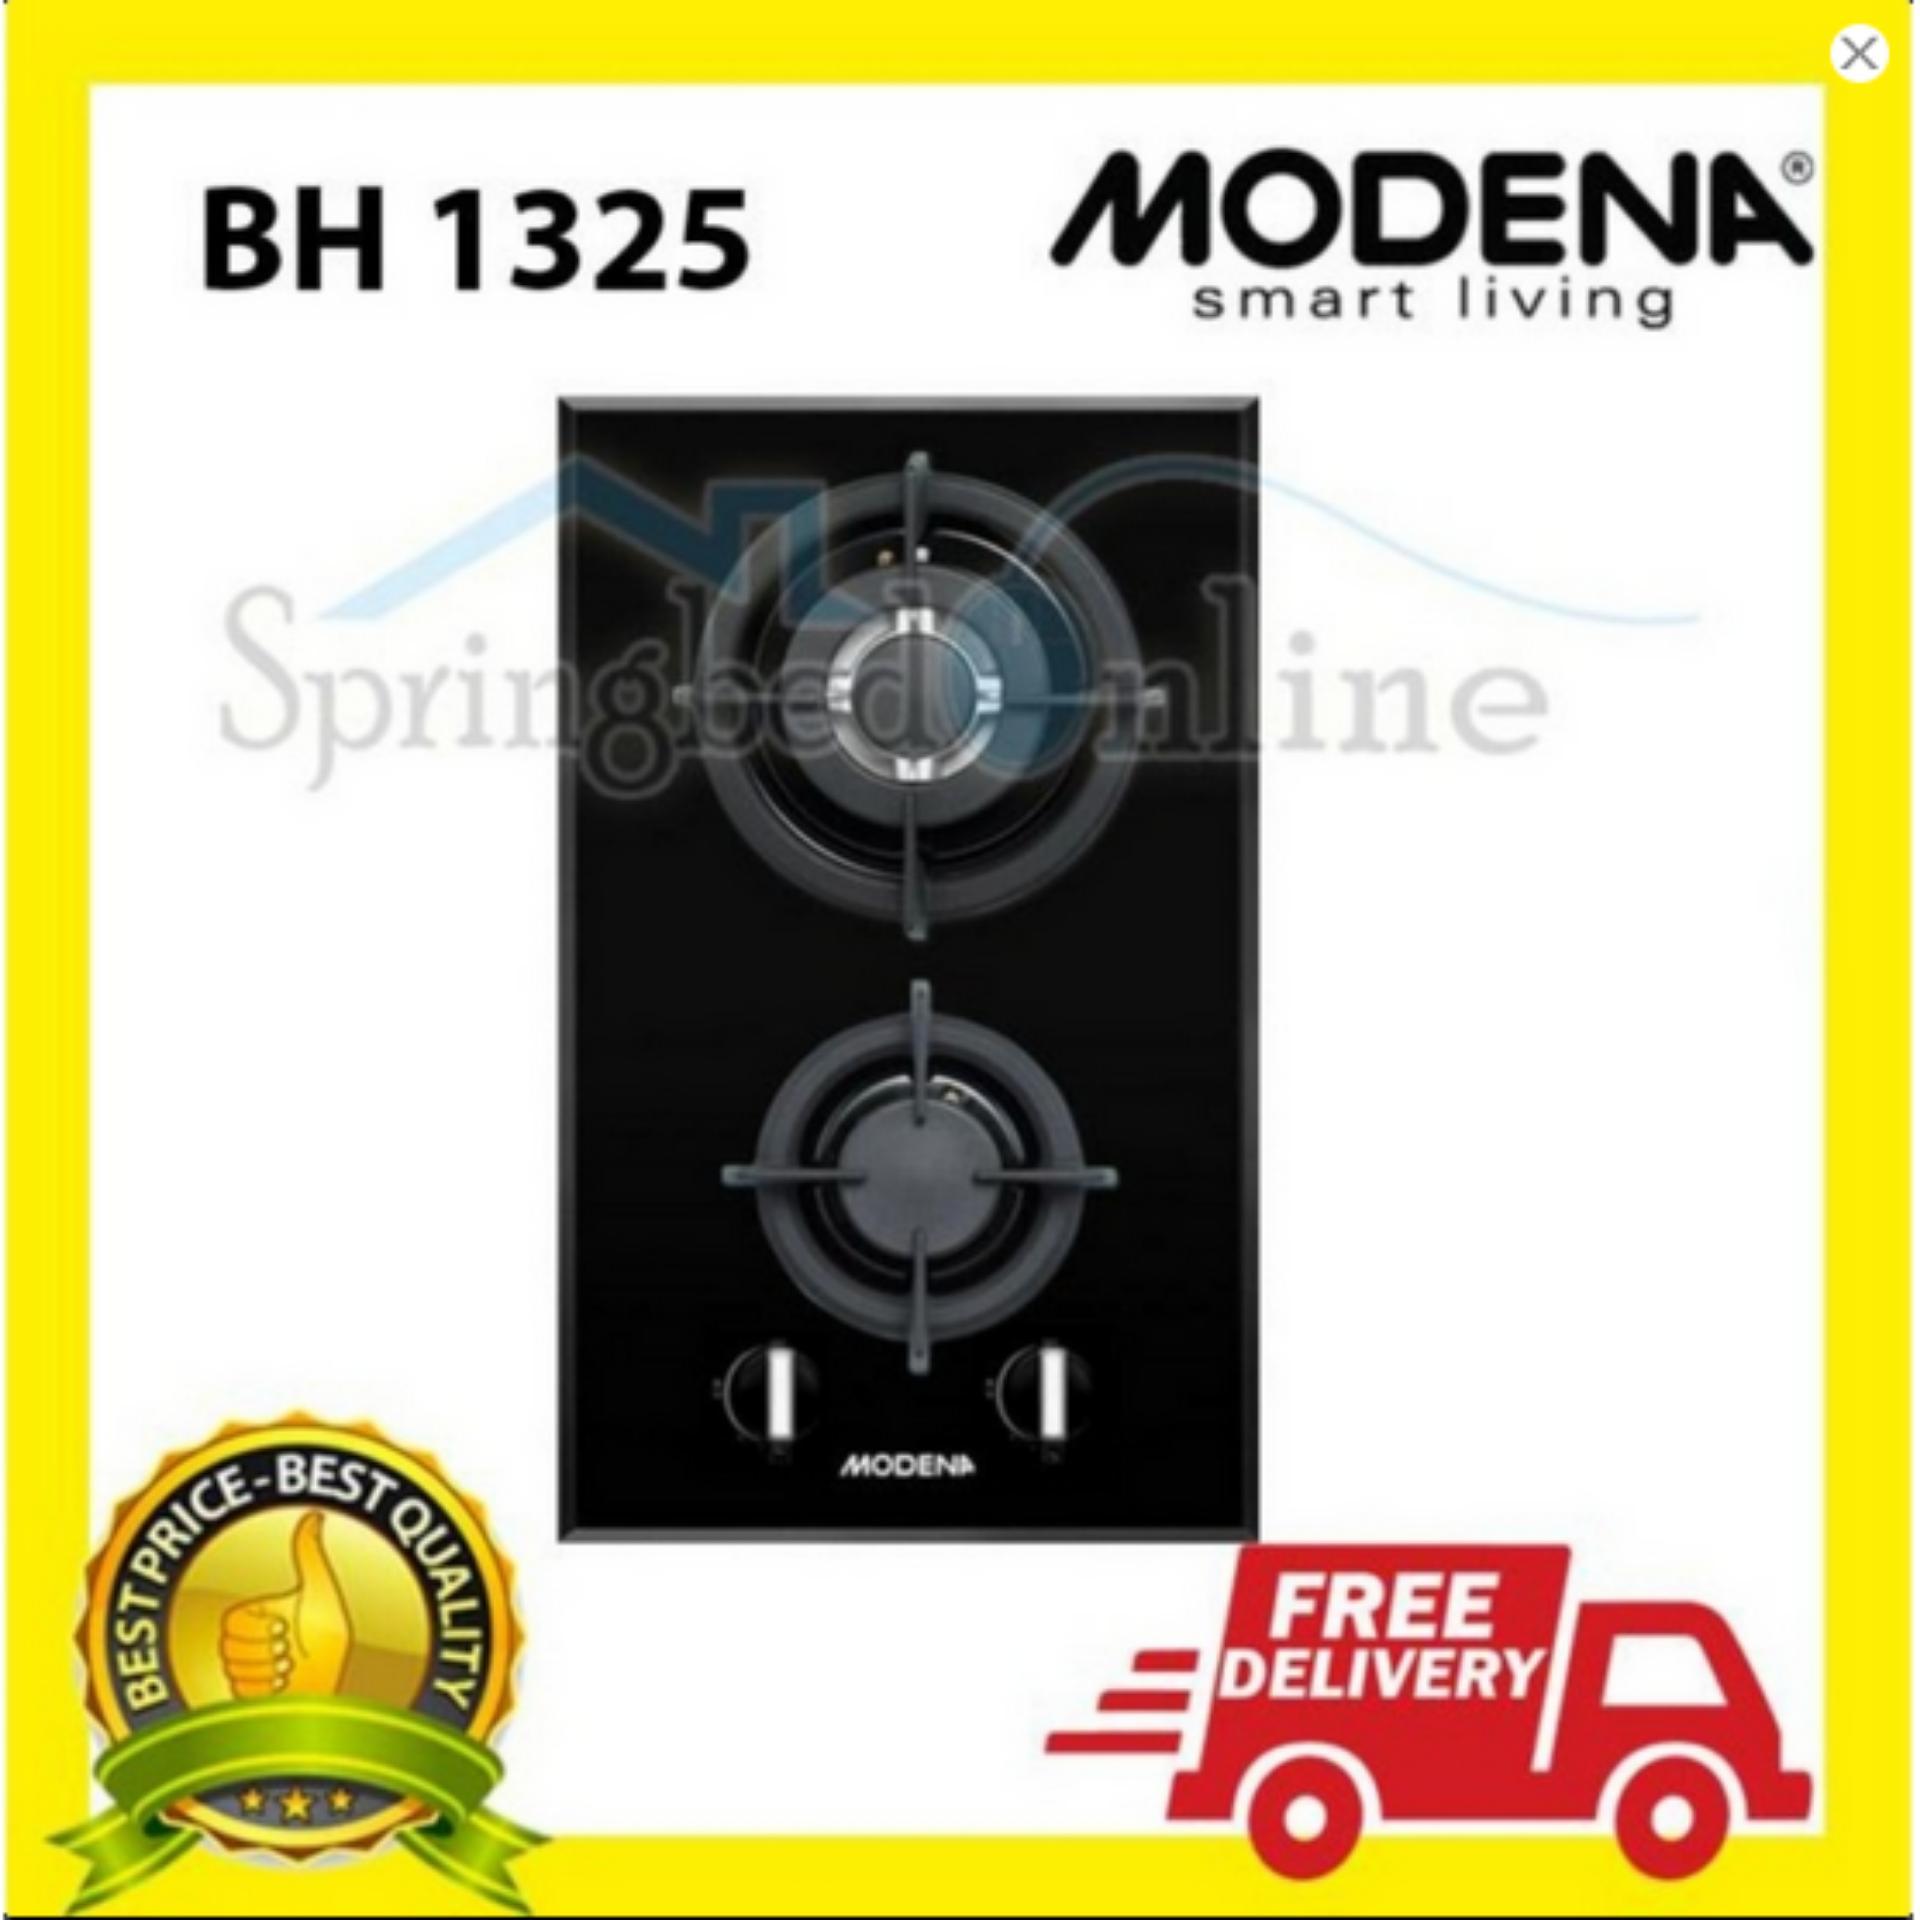 Modena Cx9753 Cooker Hood Wall Type Hitam Daftar Update Harga Penghisap Asap Dapur 90cm Forli Cx 9701 L 700 M3 H Kompor Tanam Bh 1325 Dan Slim Px 6001